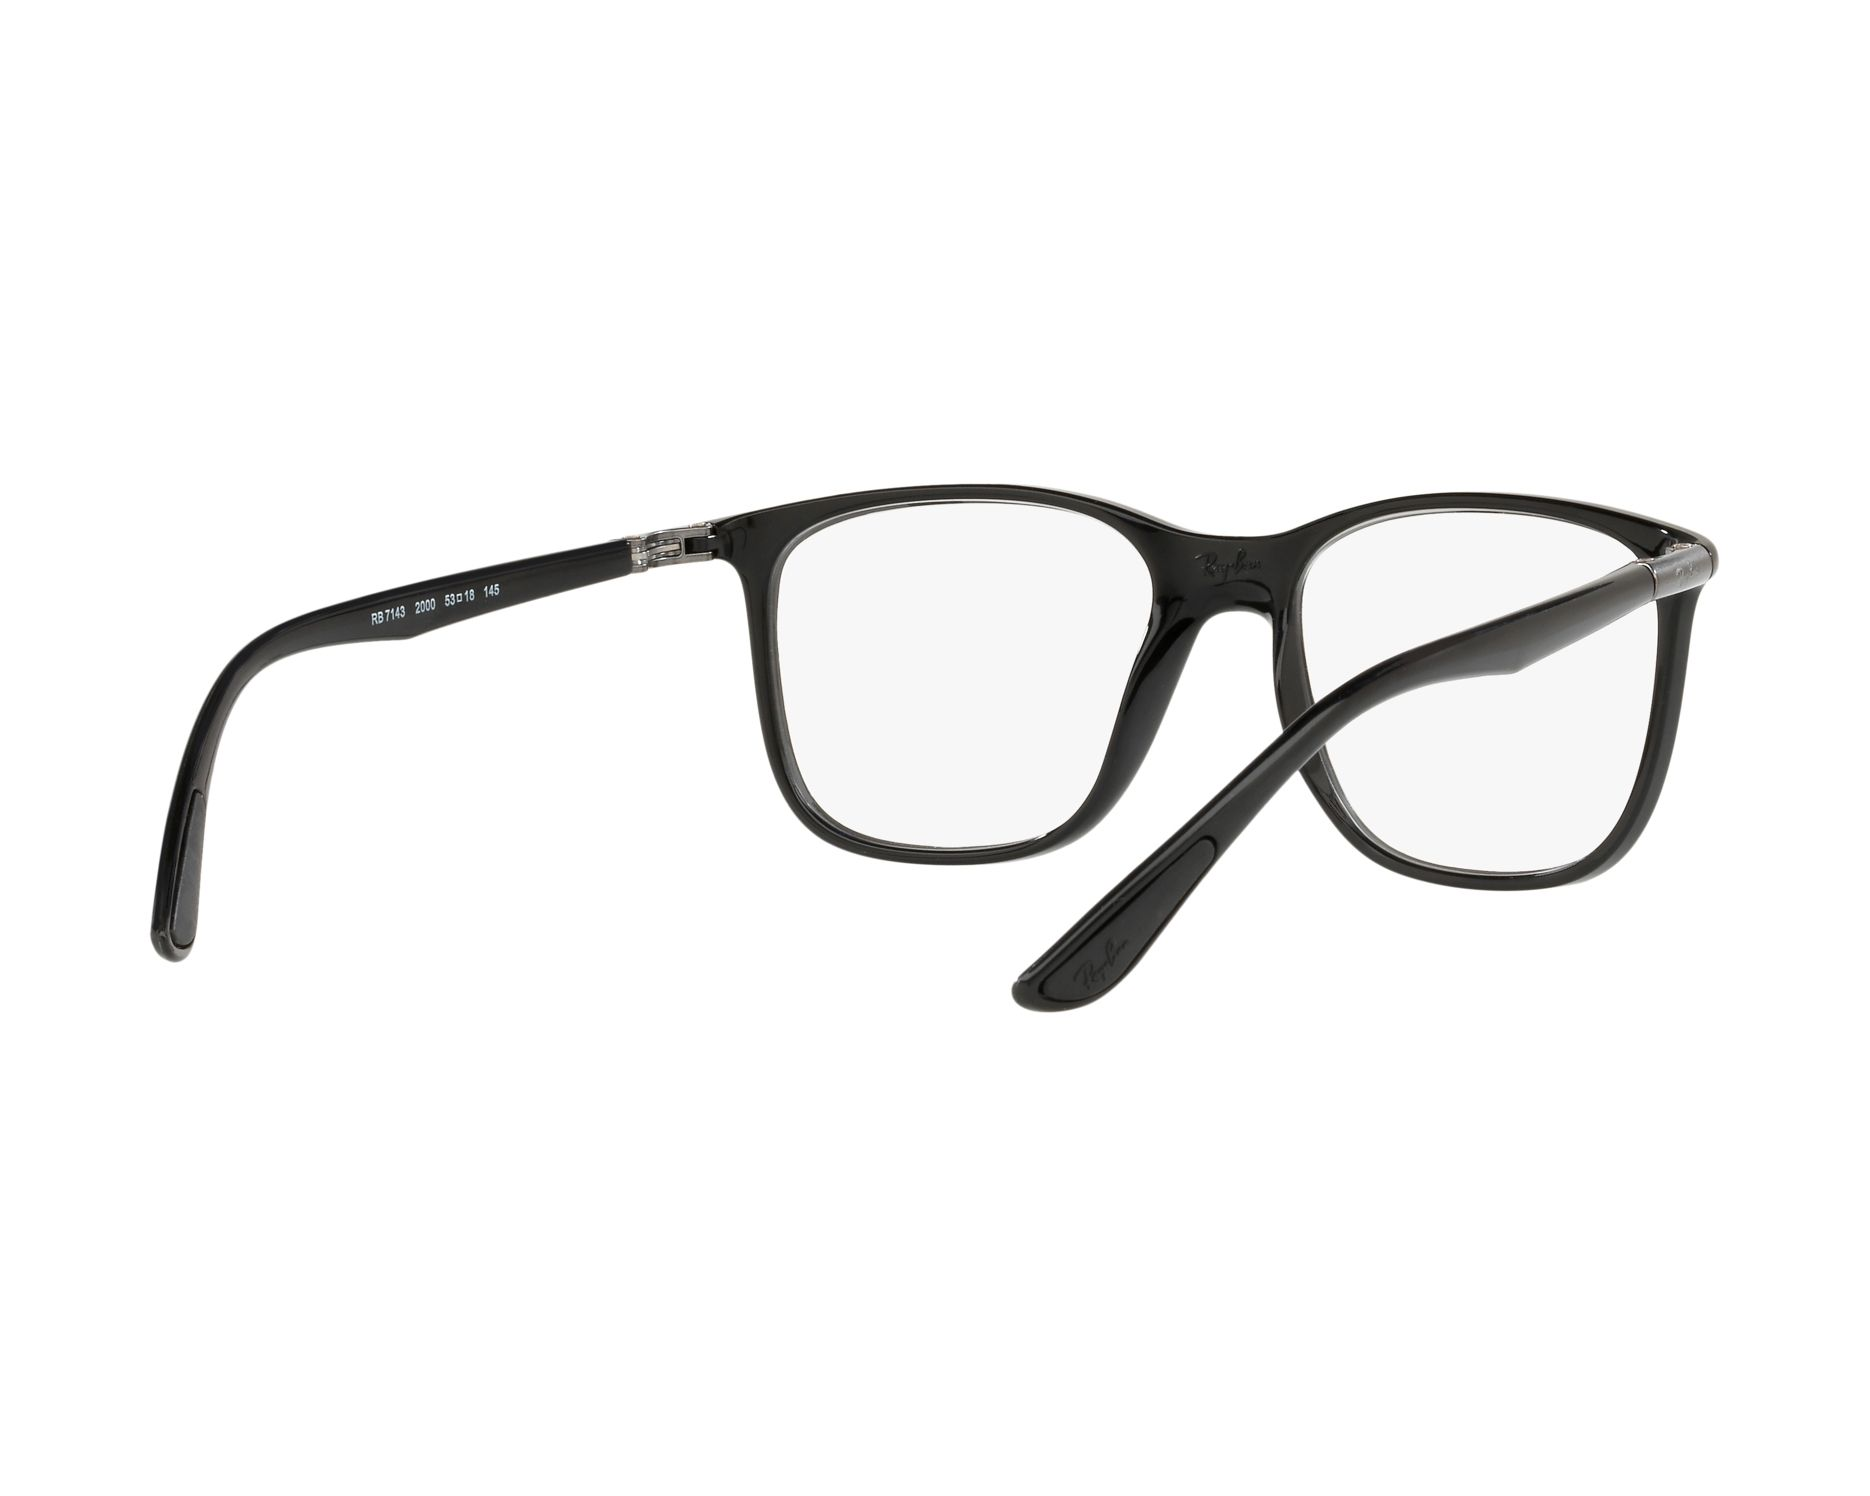 1f048cb67b eyeglasses Ray-Ban RX-7143 200 53-18 Black 360 degree view 8